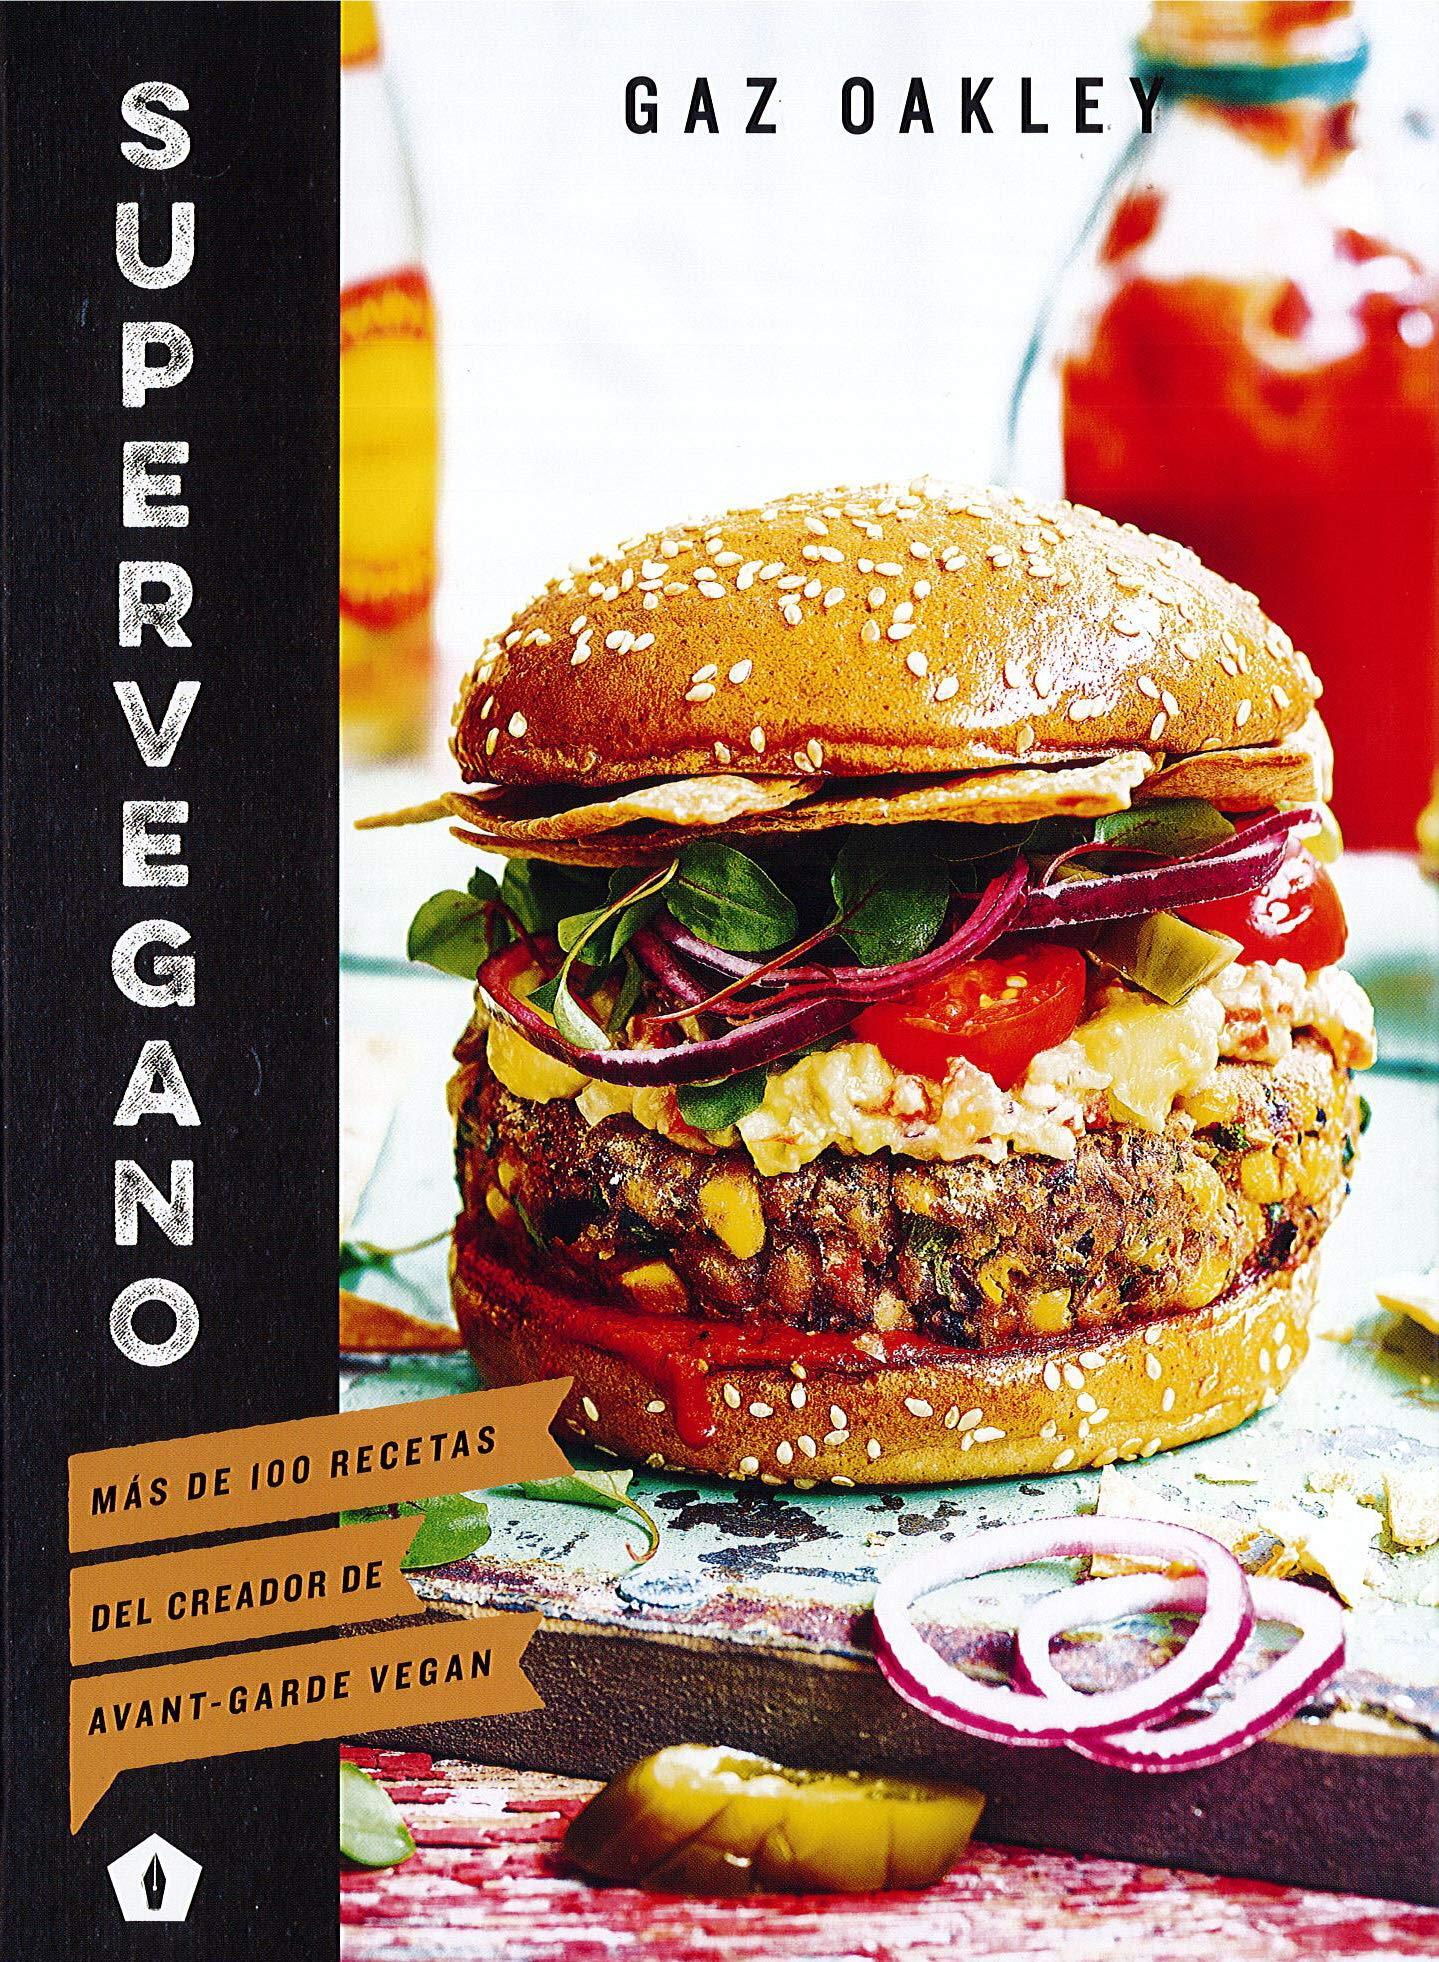 Supervegano: Más de 100 recetas del creador de Avant-Garde Vegan (Spanish Edition) (Spanish) Hardcover – March 1, 2019